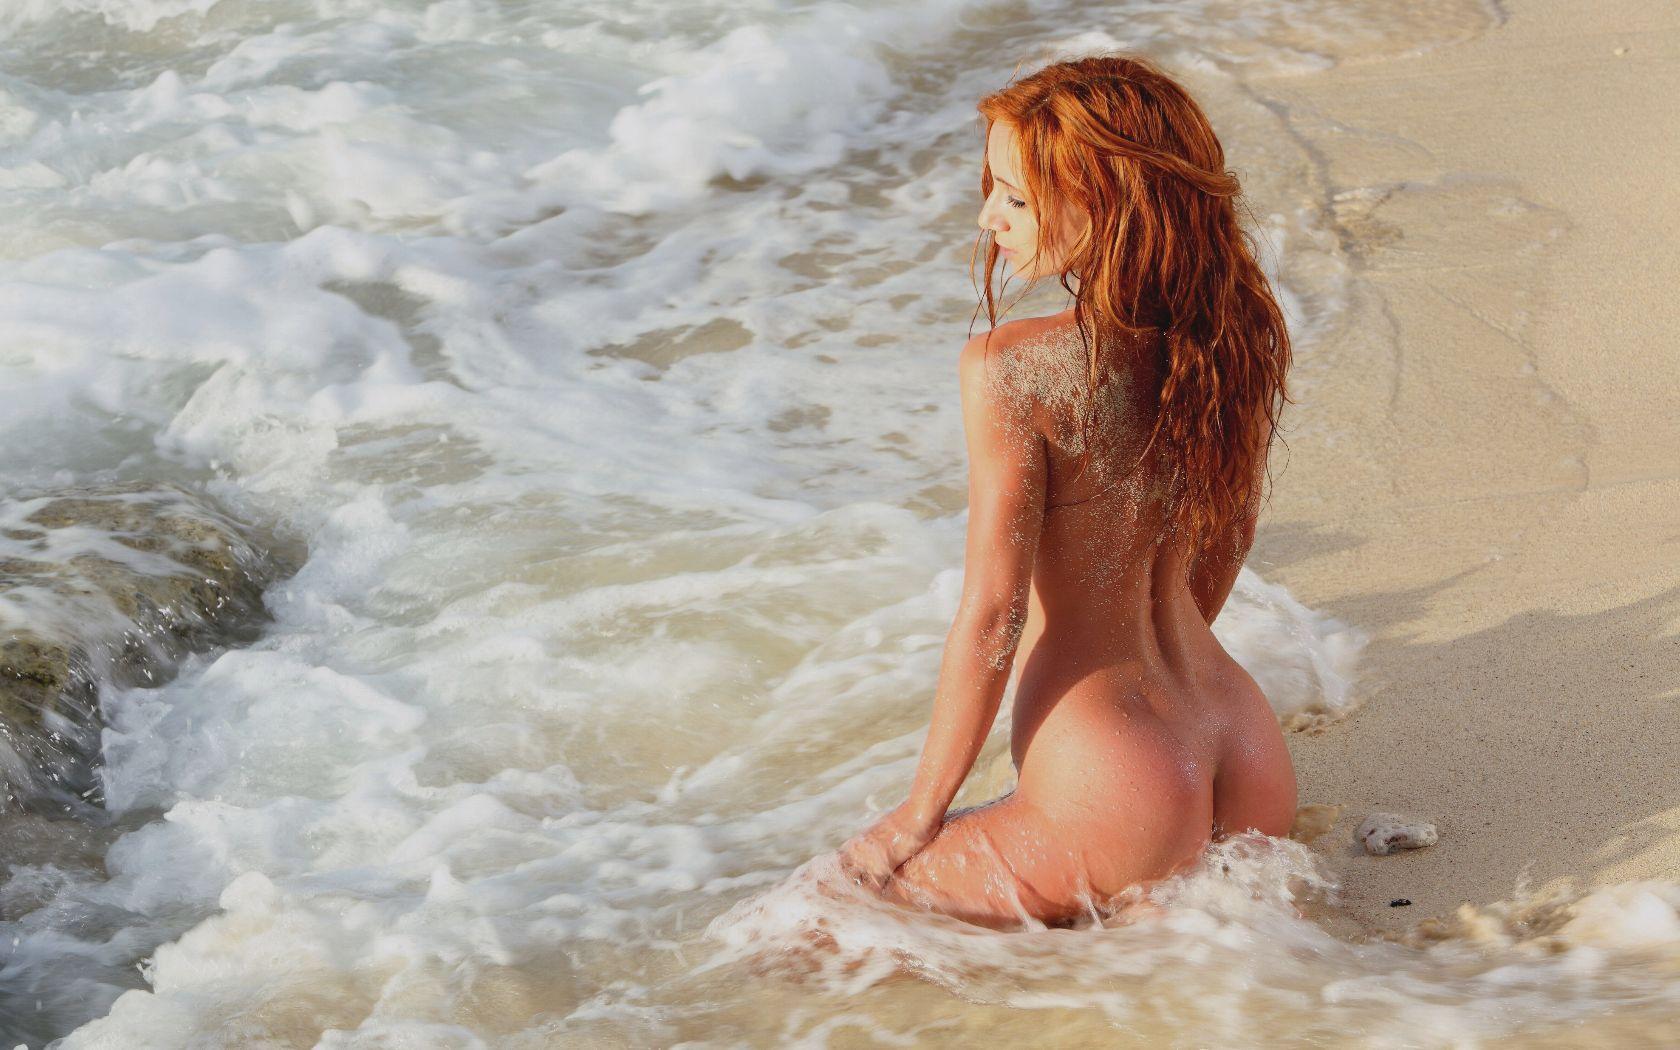 Смотреть нежный секс на берегу моря 30 фотография